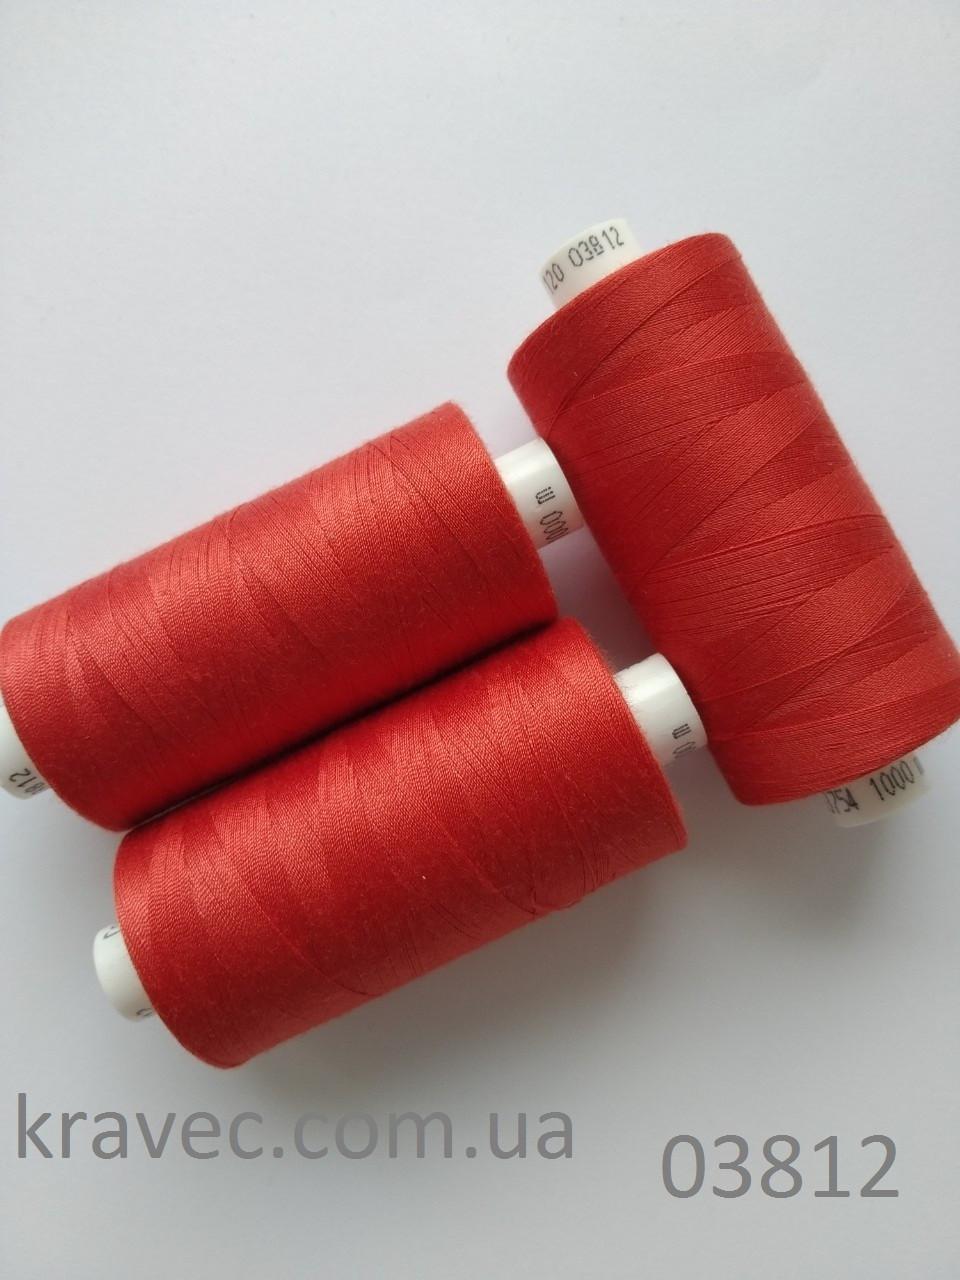 Нитки Coats Epic 120 Великобританія, /1000м колір 03812